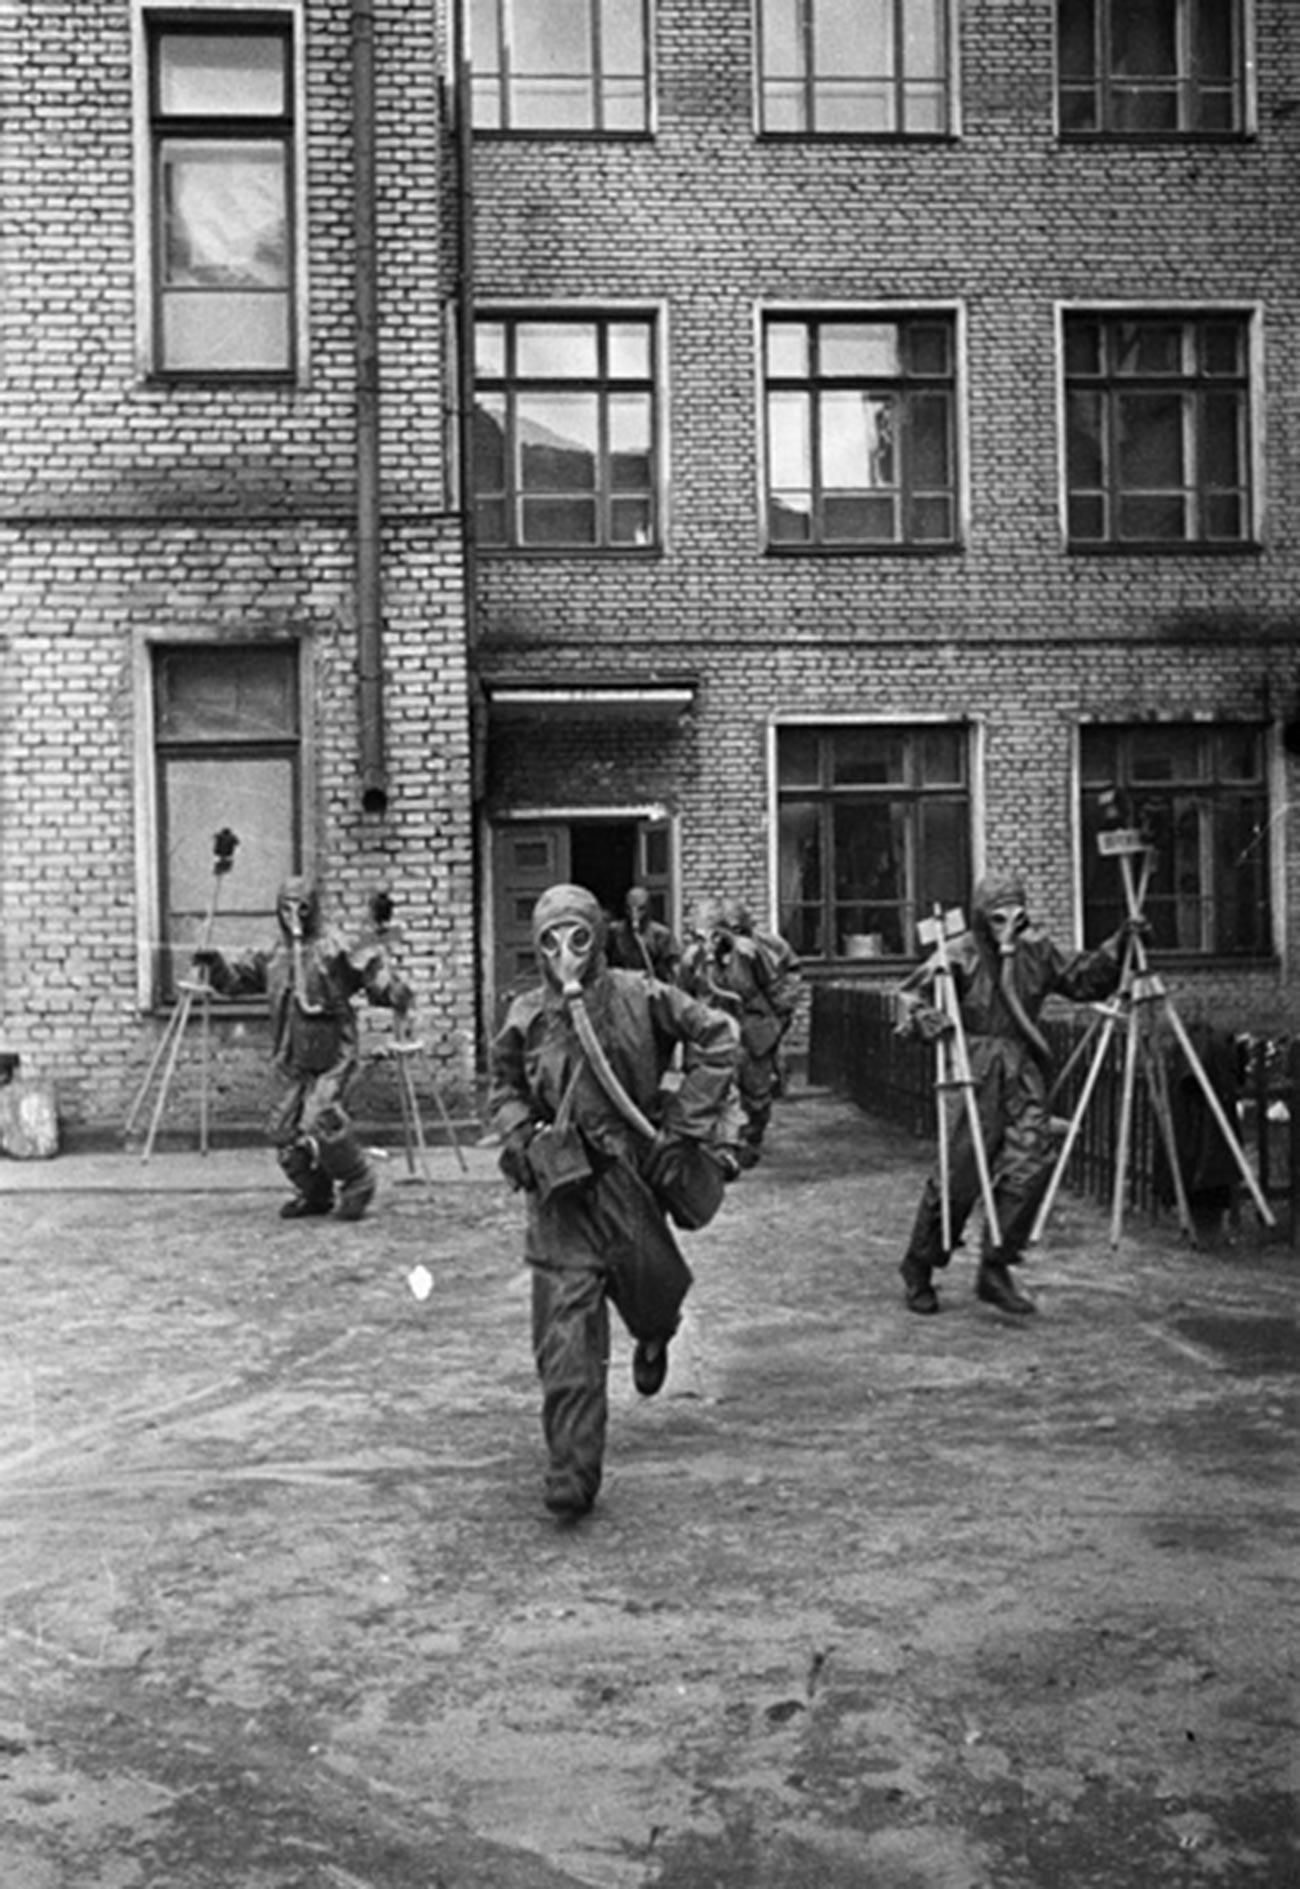 市民防衛の訓練中の若者たち